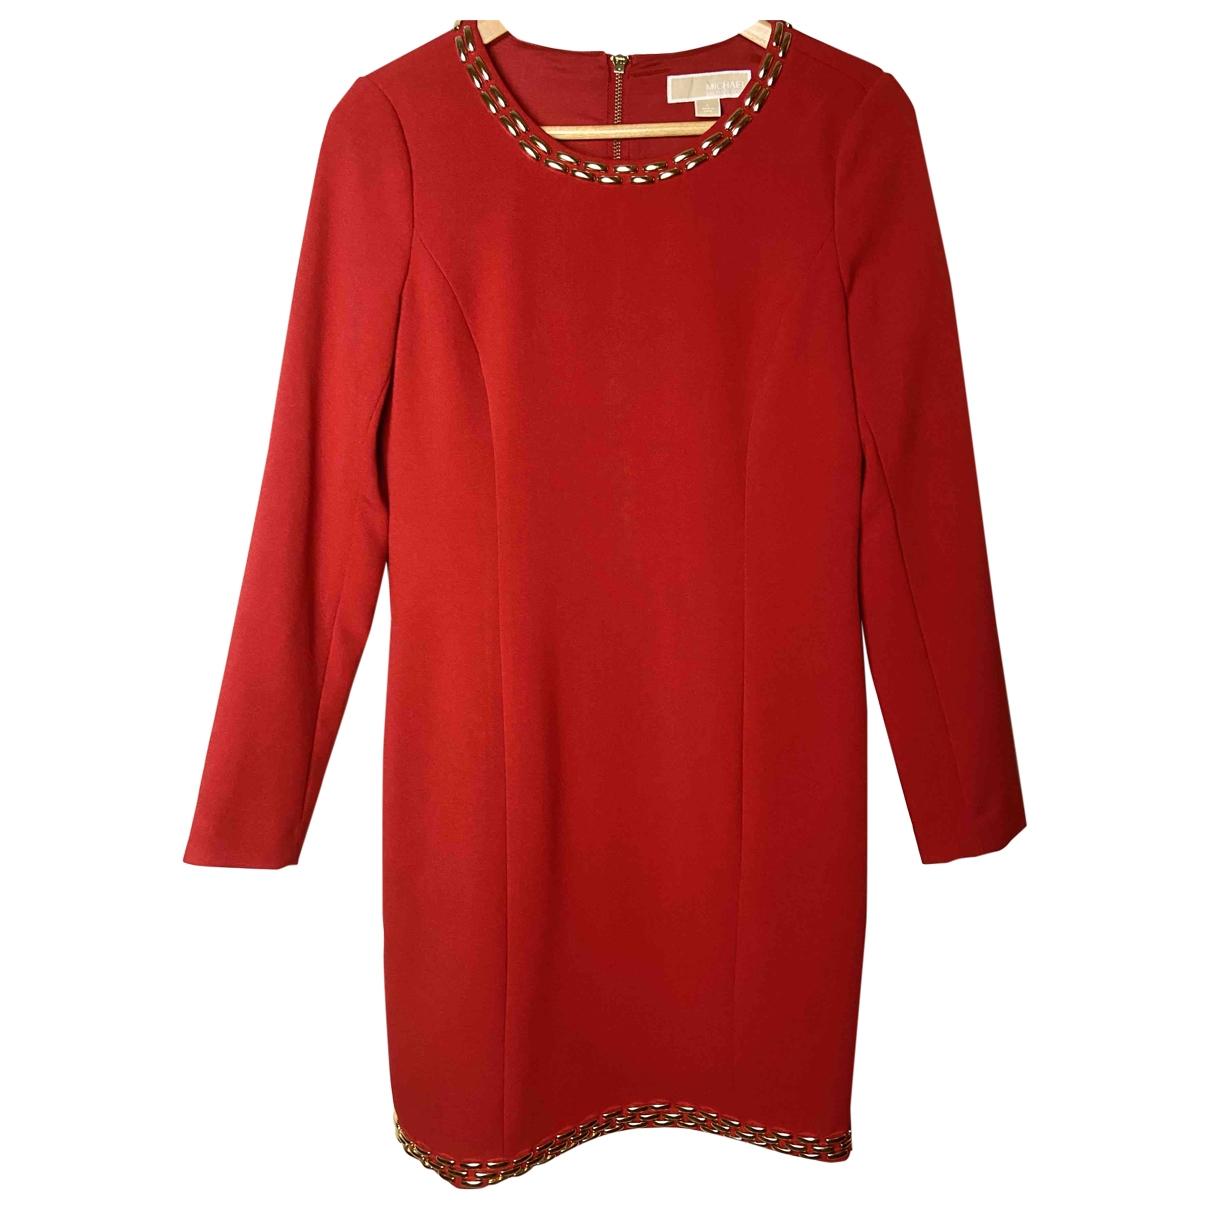 Michael Kors \N Kleid in  Rot Synthetik